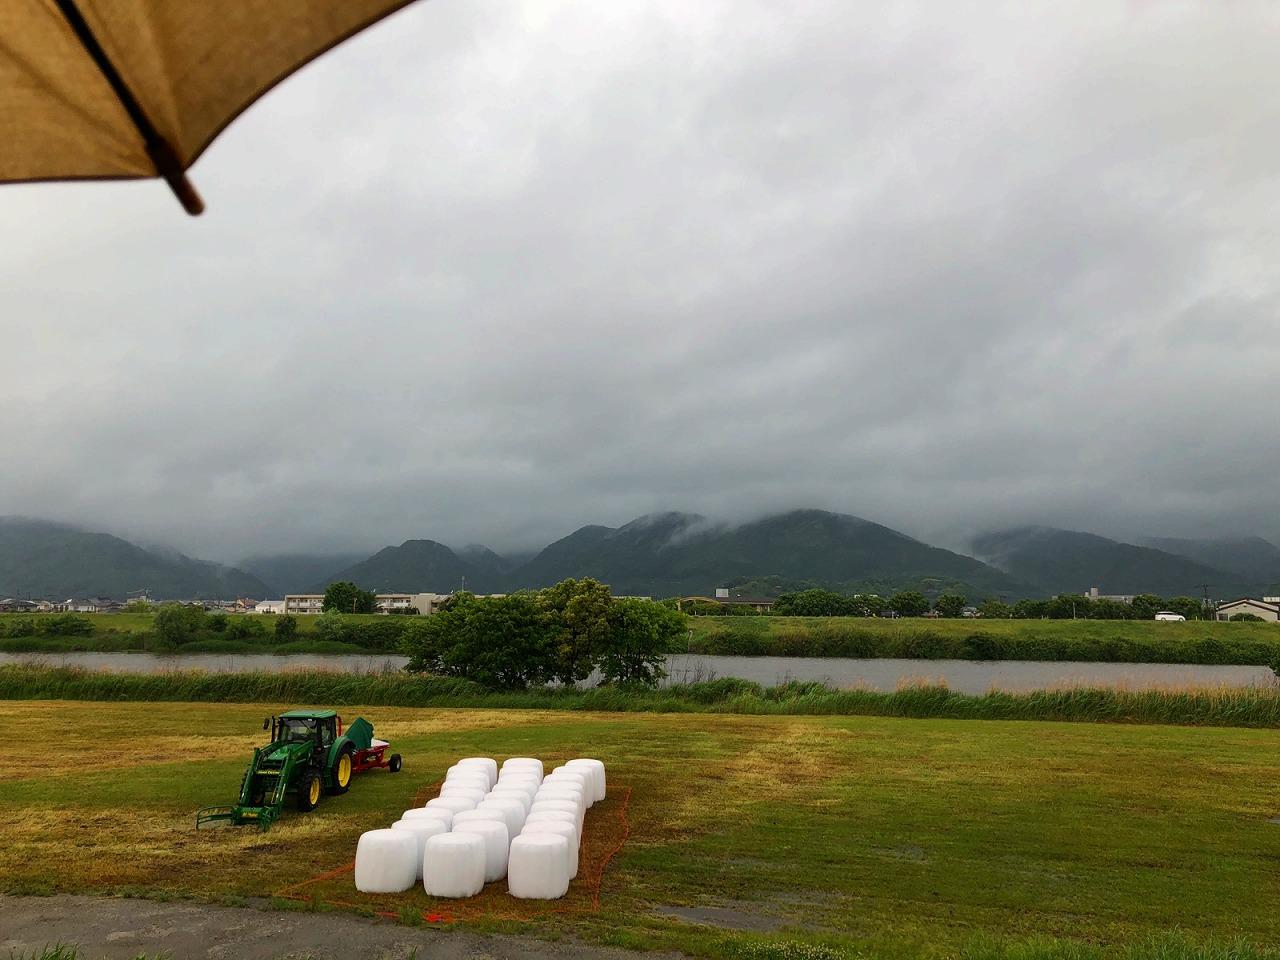 2018.5.7 今朝の金峰山です。